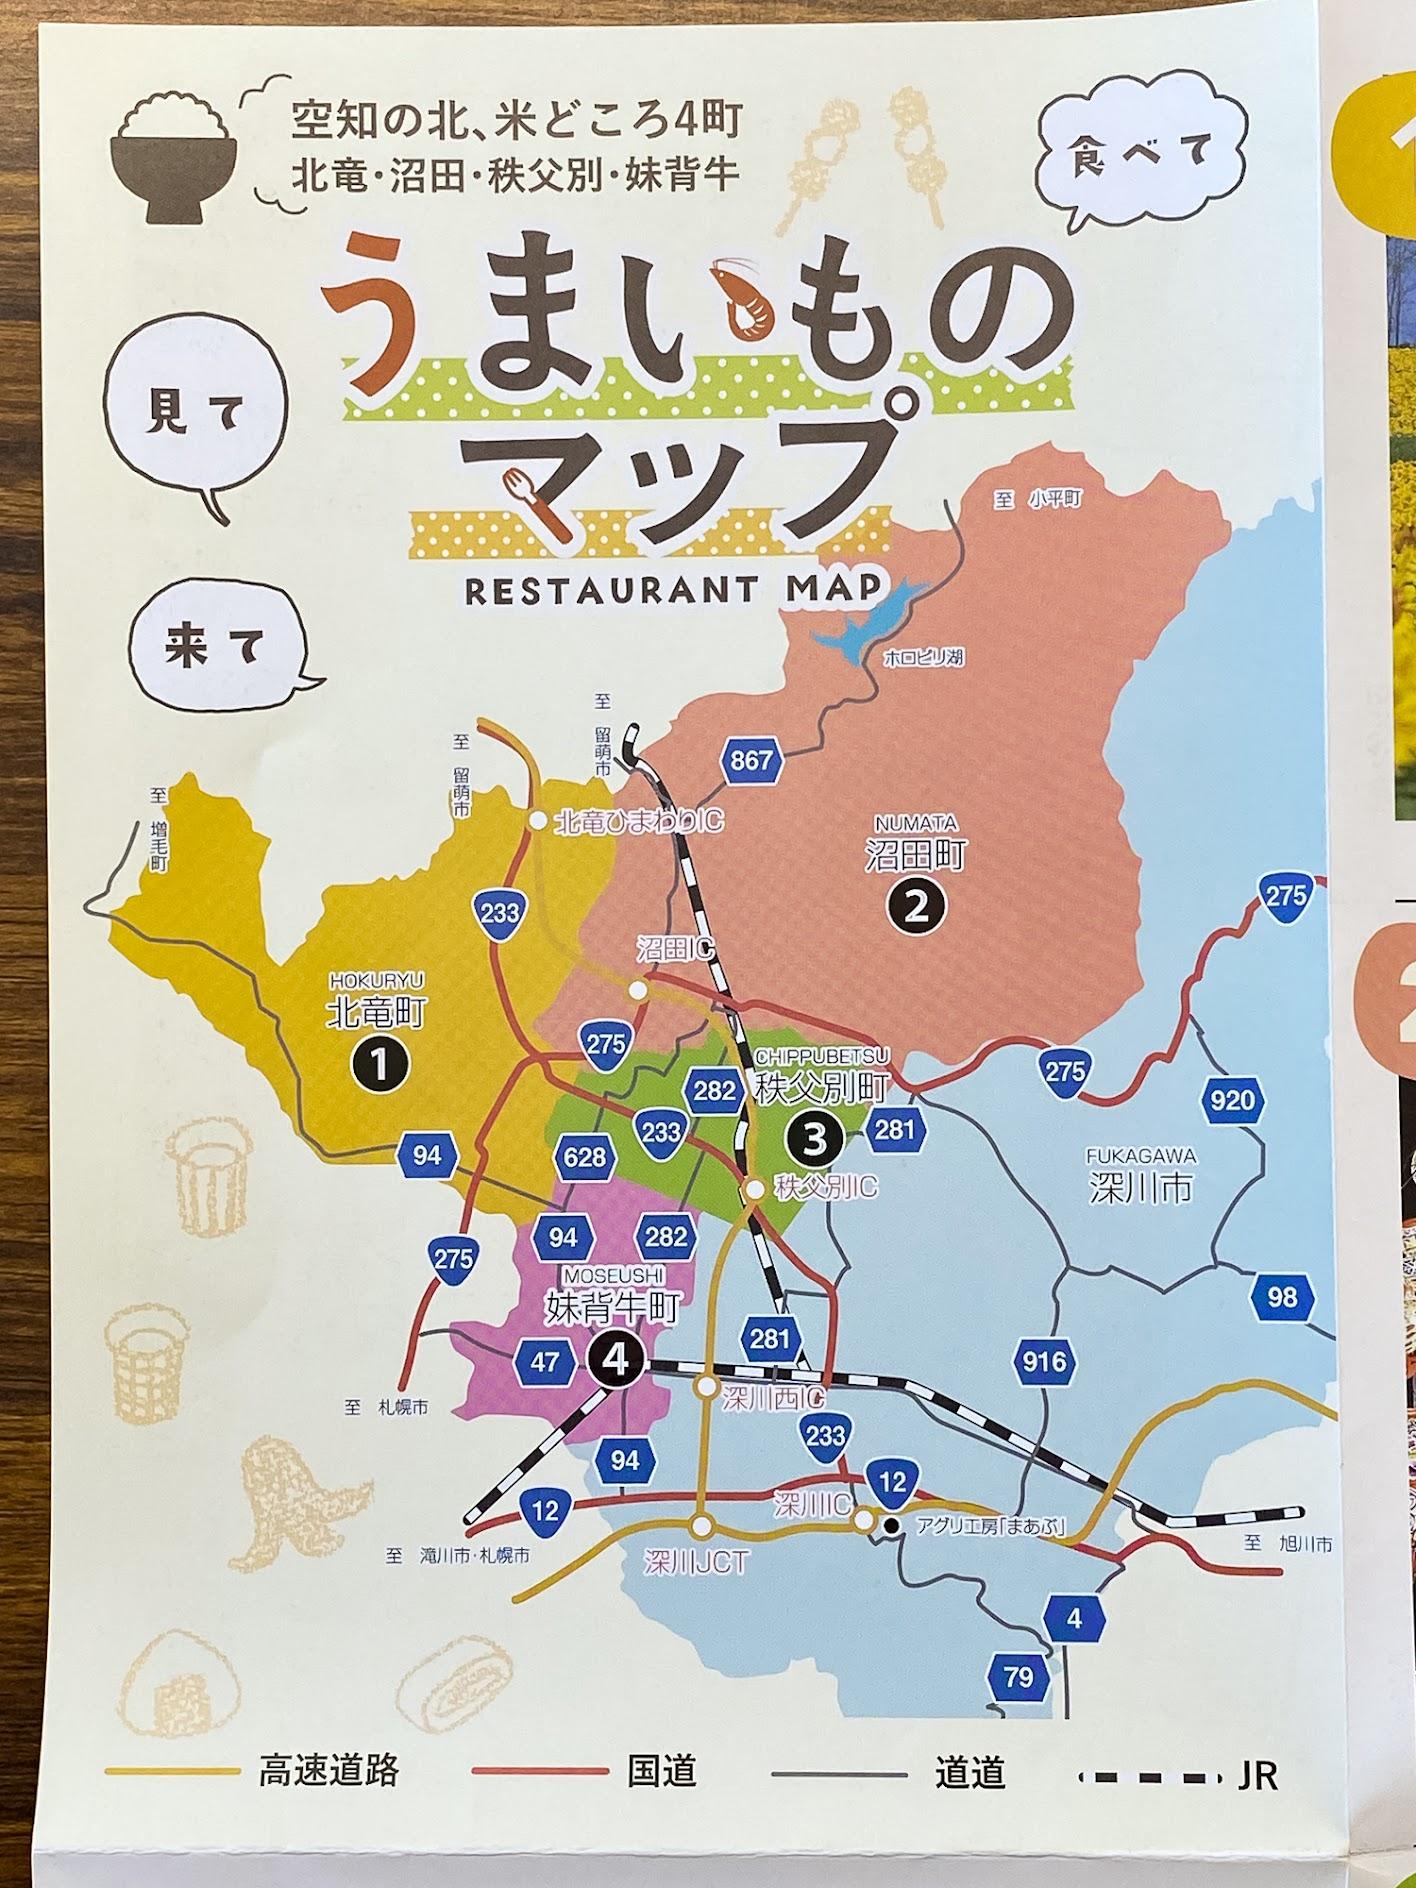 表紙『うまいものマップ』空知の北、米どころ4町(北竜町・沼田町・秩父別町・妹背牛町)